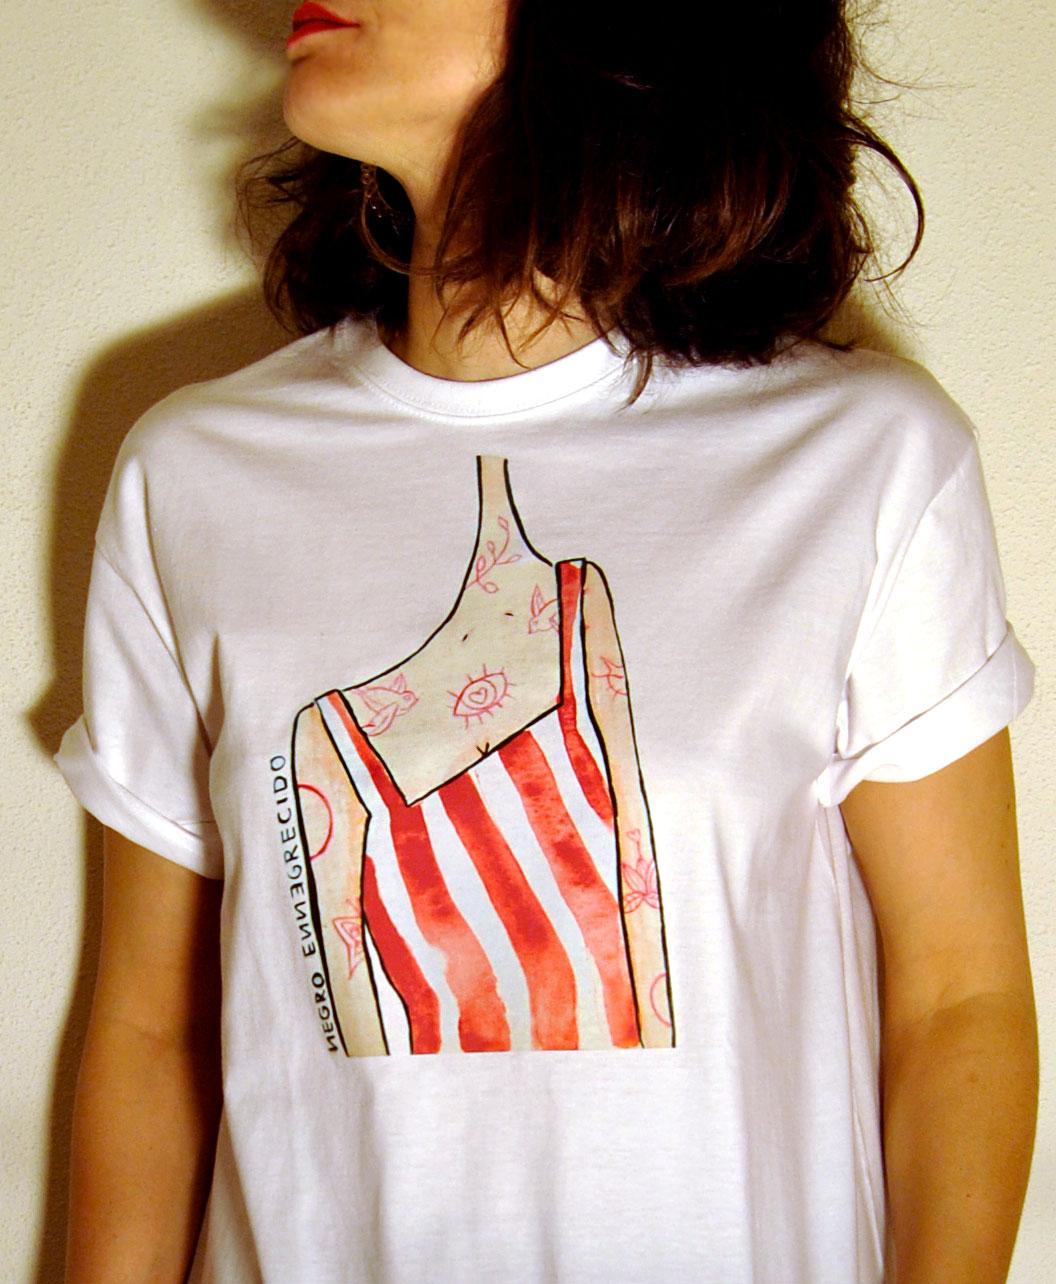 camiseta basica unisex alternativa ilustraciones diferentes y originales chica rayas